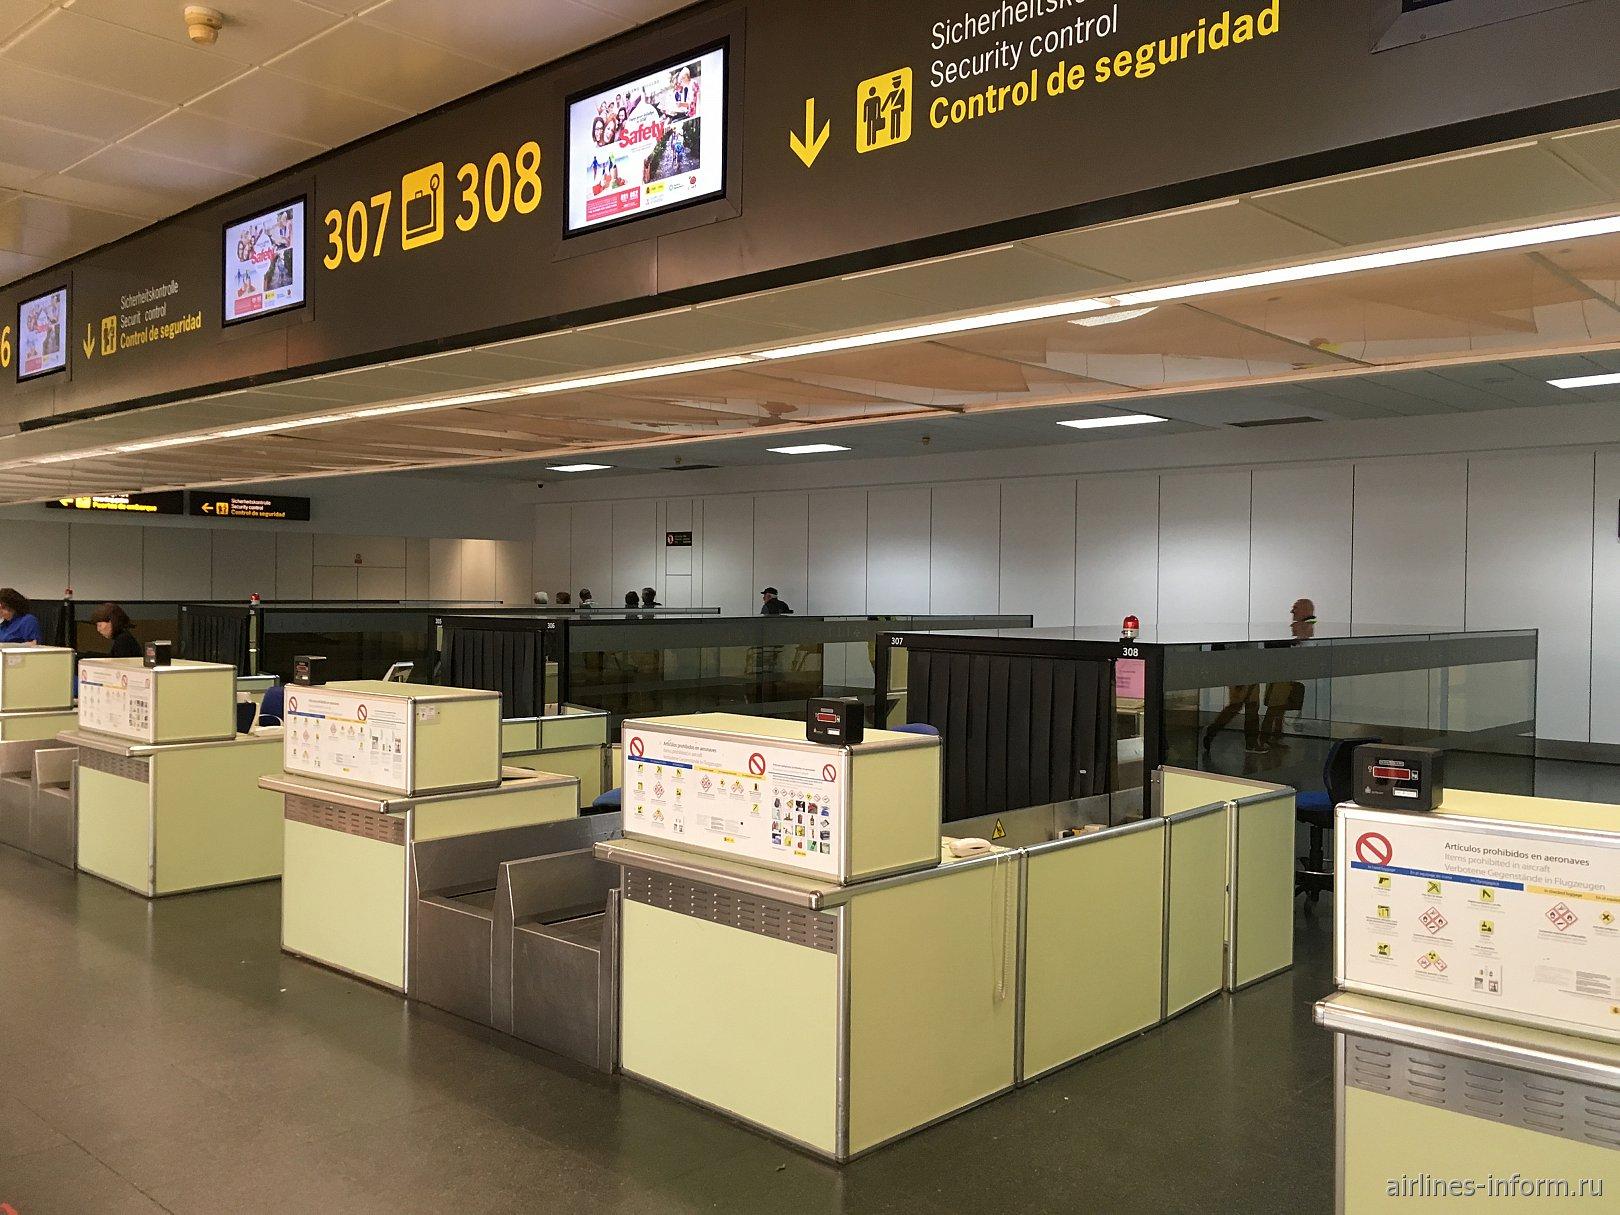 Стойки регистрации в аэропорту Гран-Канария